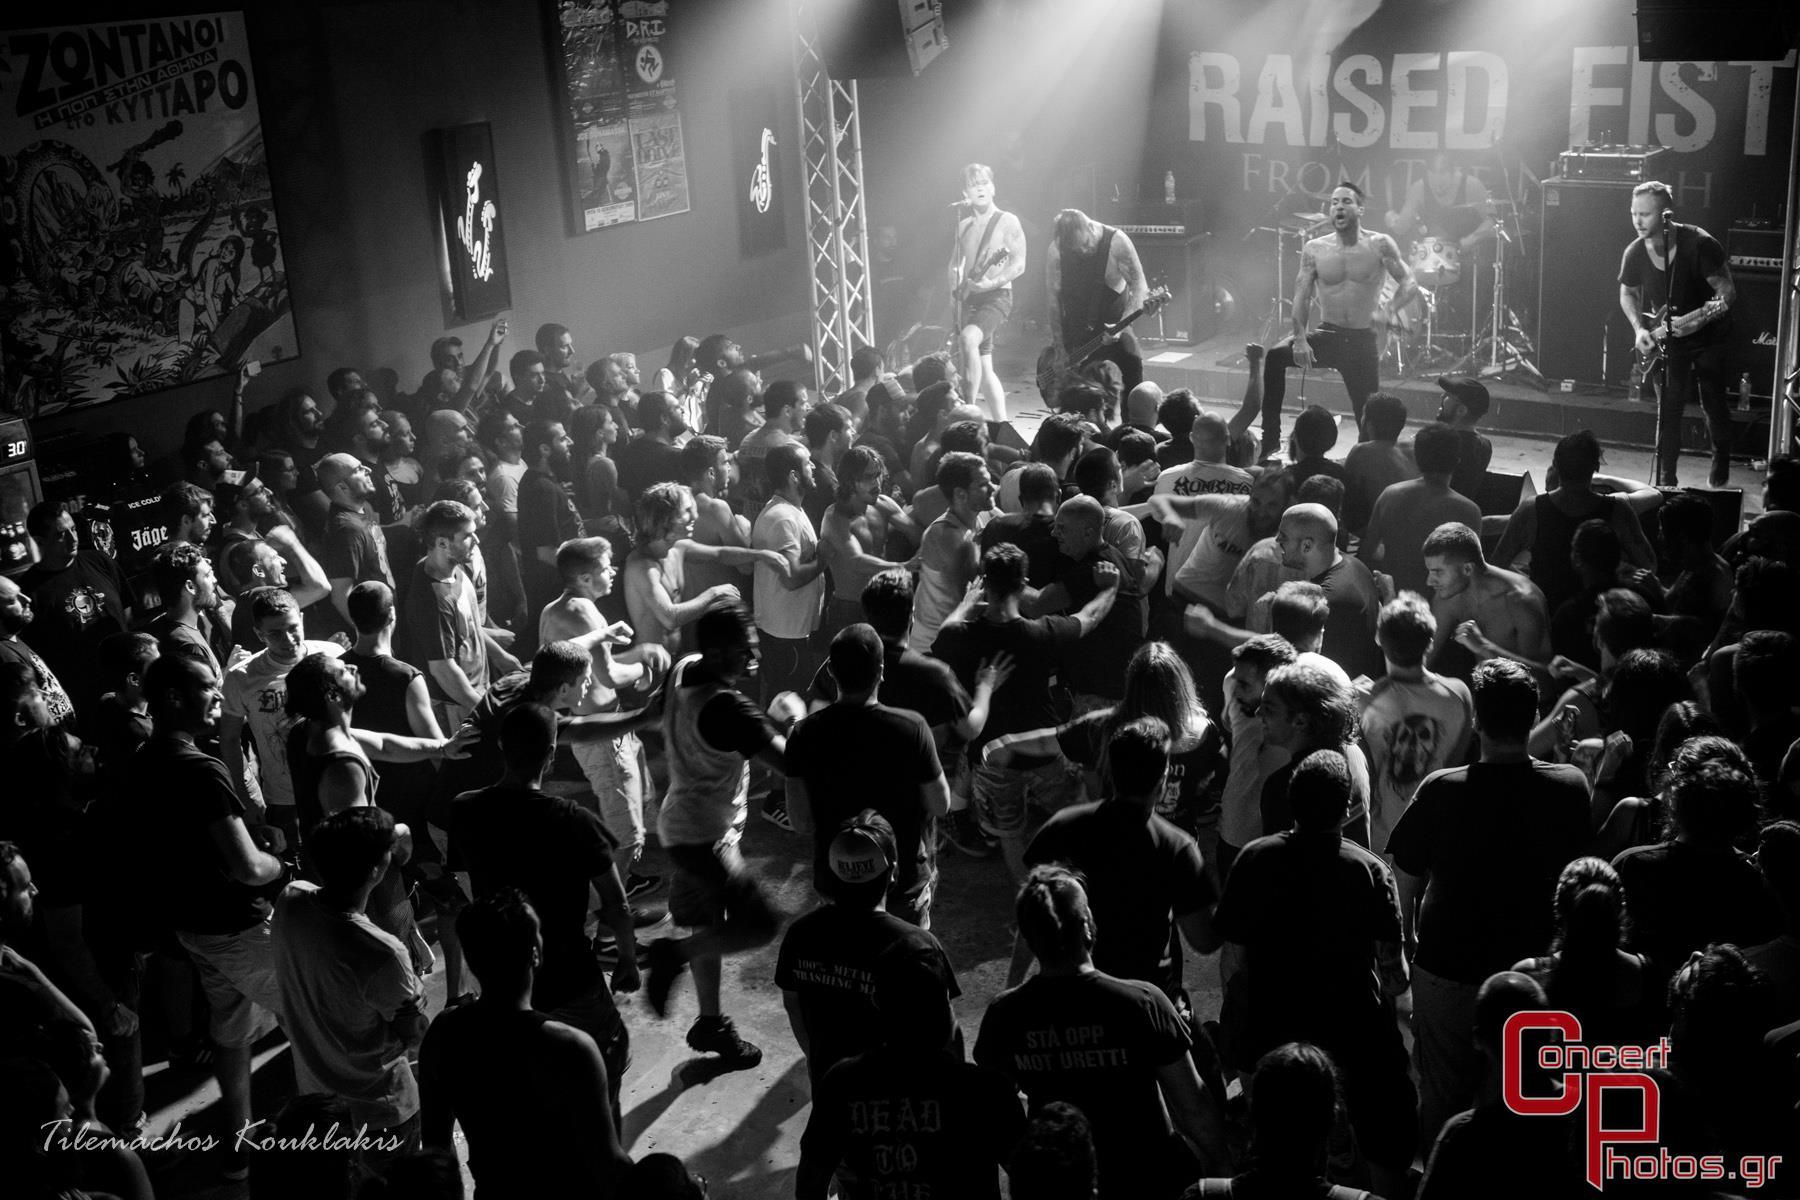 Raised Fist - Endsight - The Locals-Raised Fist photographer:  - 01_Raised Fist_20